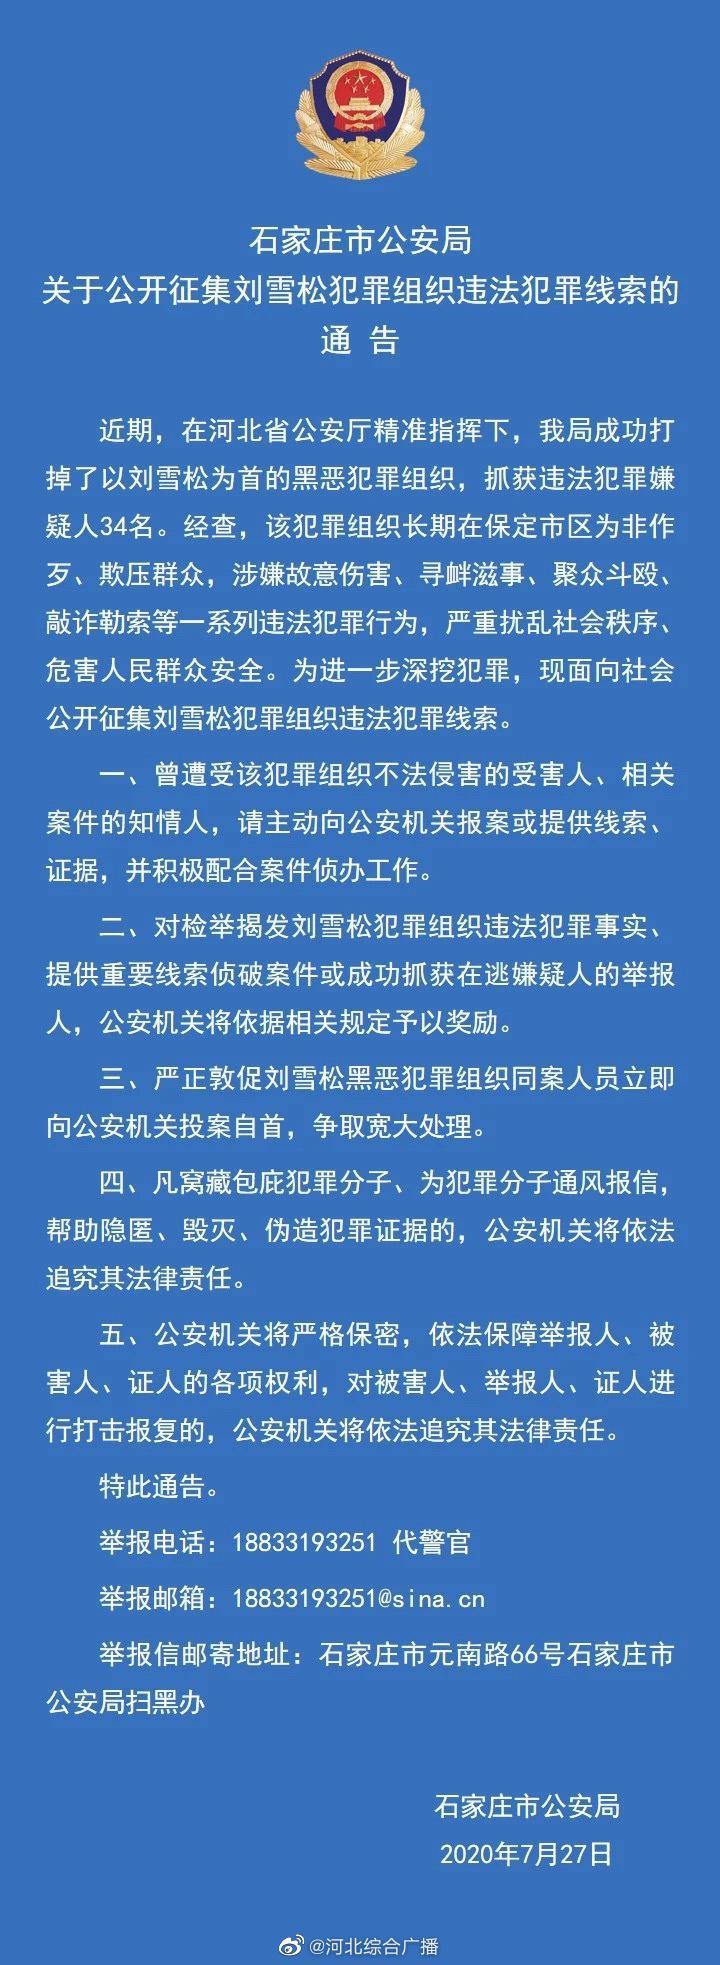 石家庄市公安局关于公开征集刘雪松犯罪组织违法犯罪线索的通告